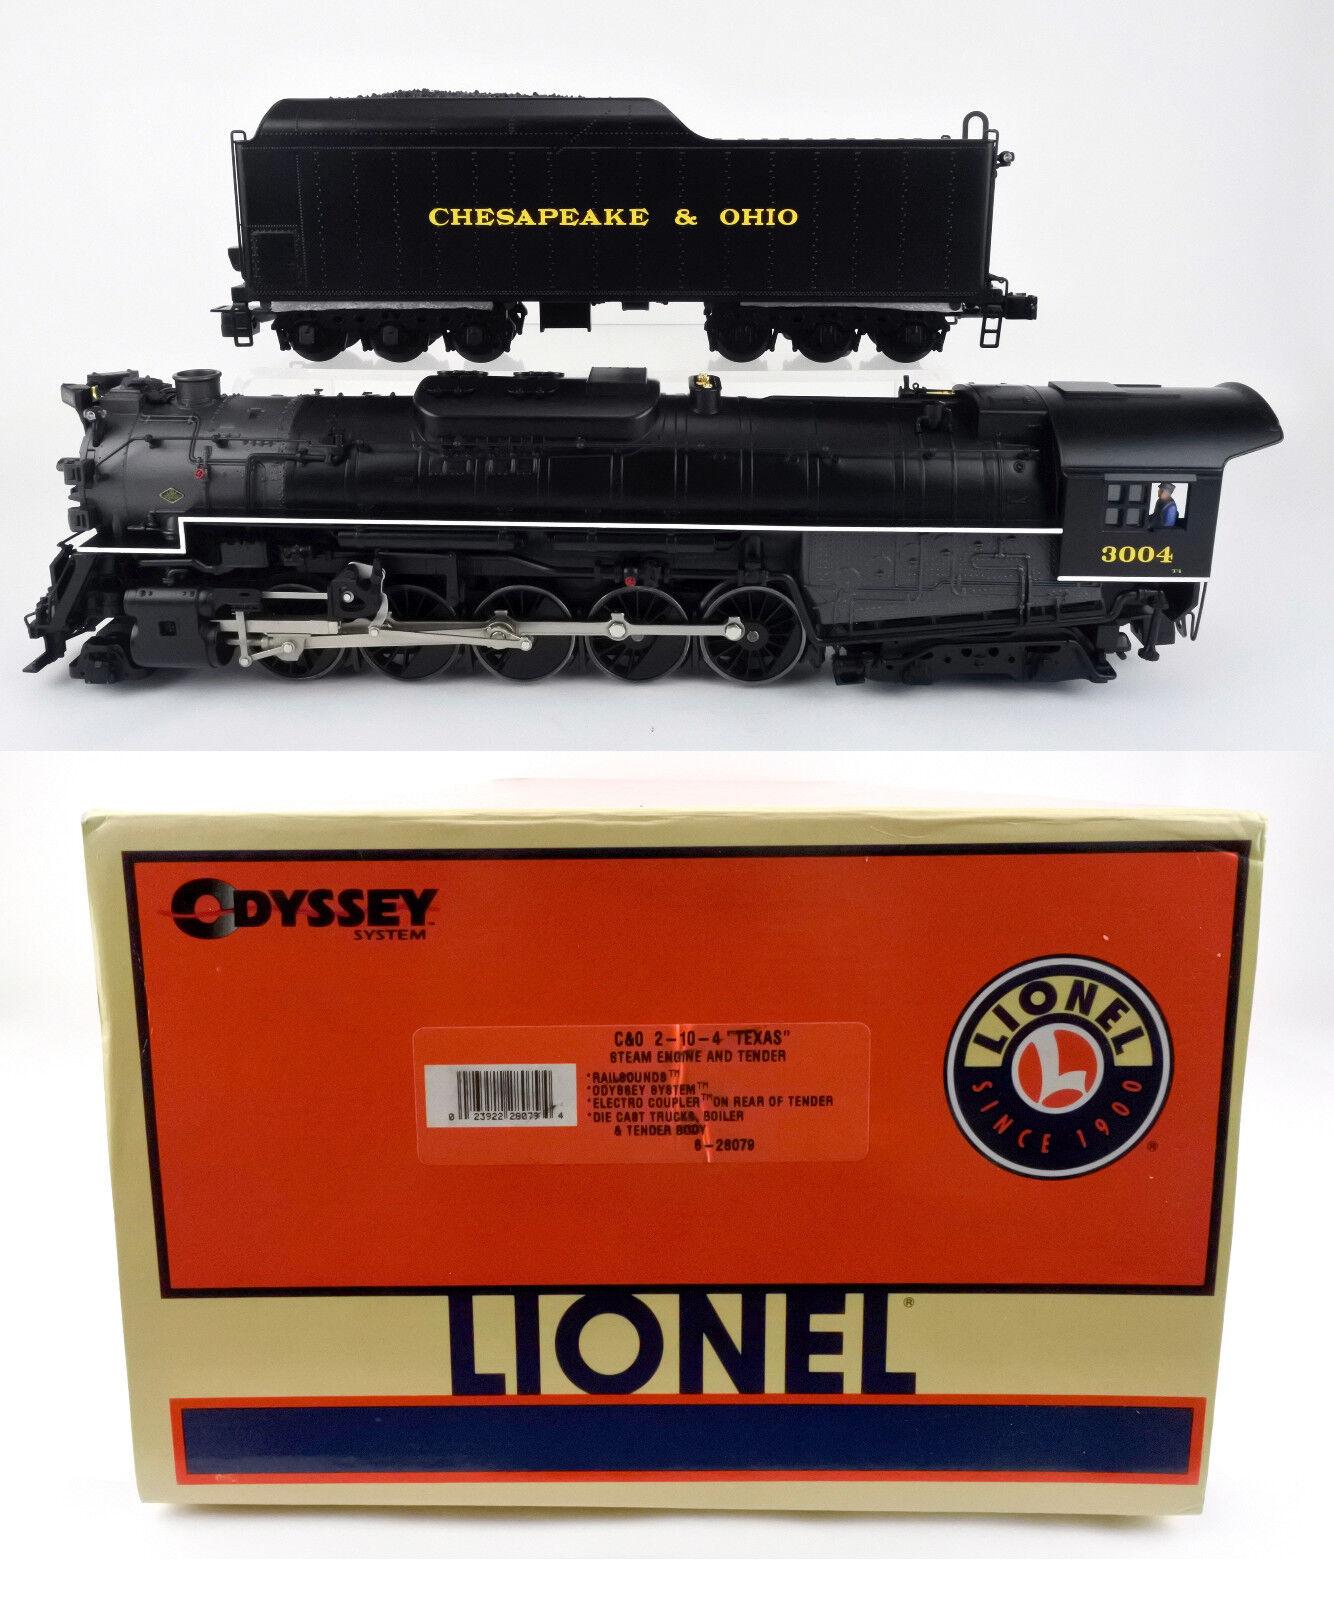 LIONEL O SCALE 28079 CHESAPEAKE & OHIO T-4 2-10-4 STEAM ENGINE & TENDER